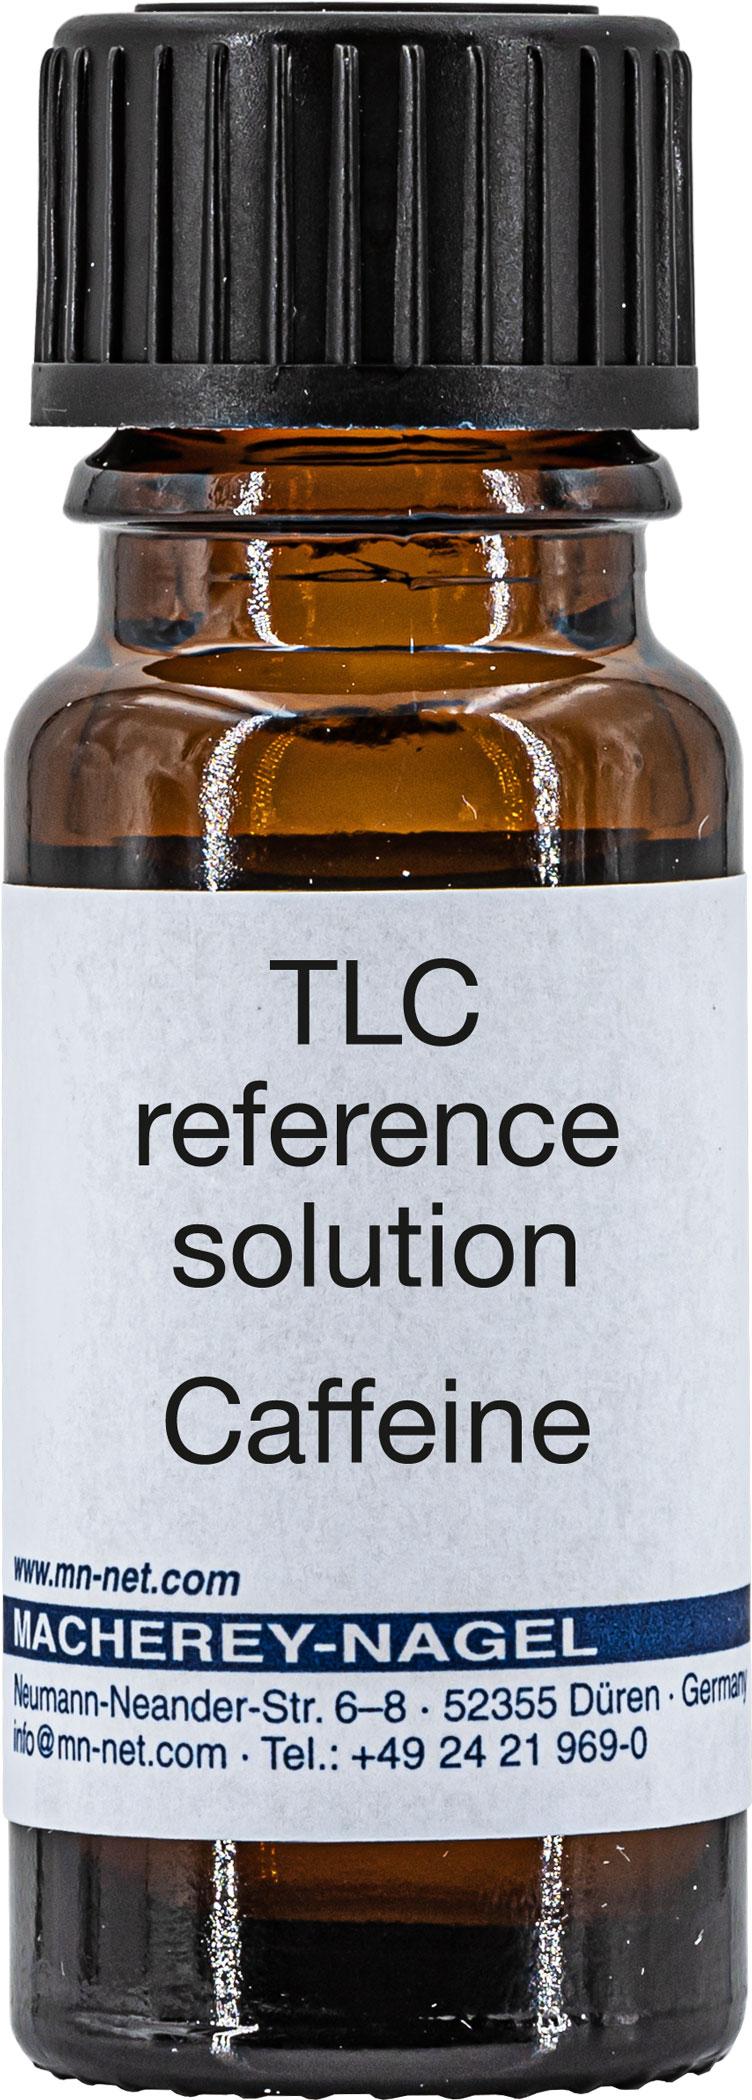 Coffein-Vergleichslösung, 8 mL